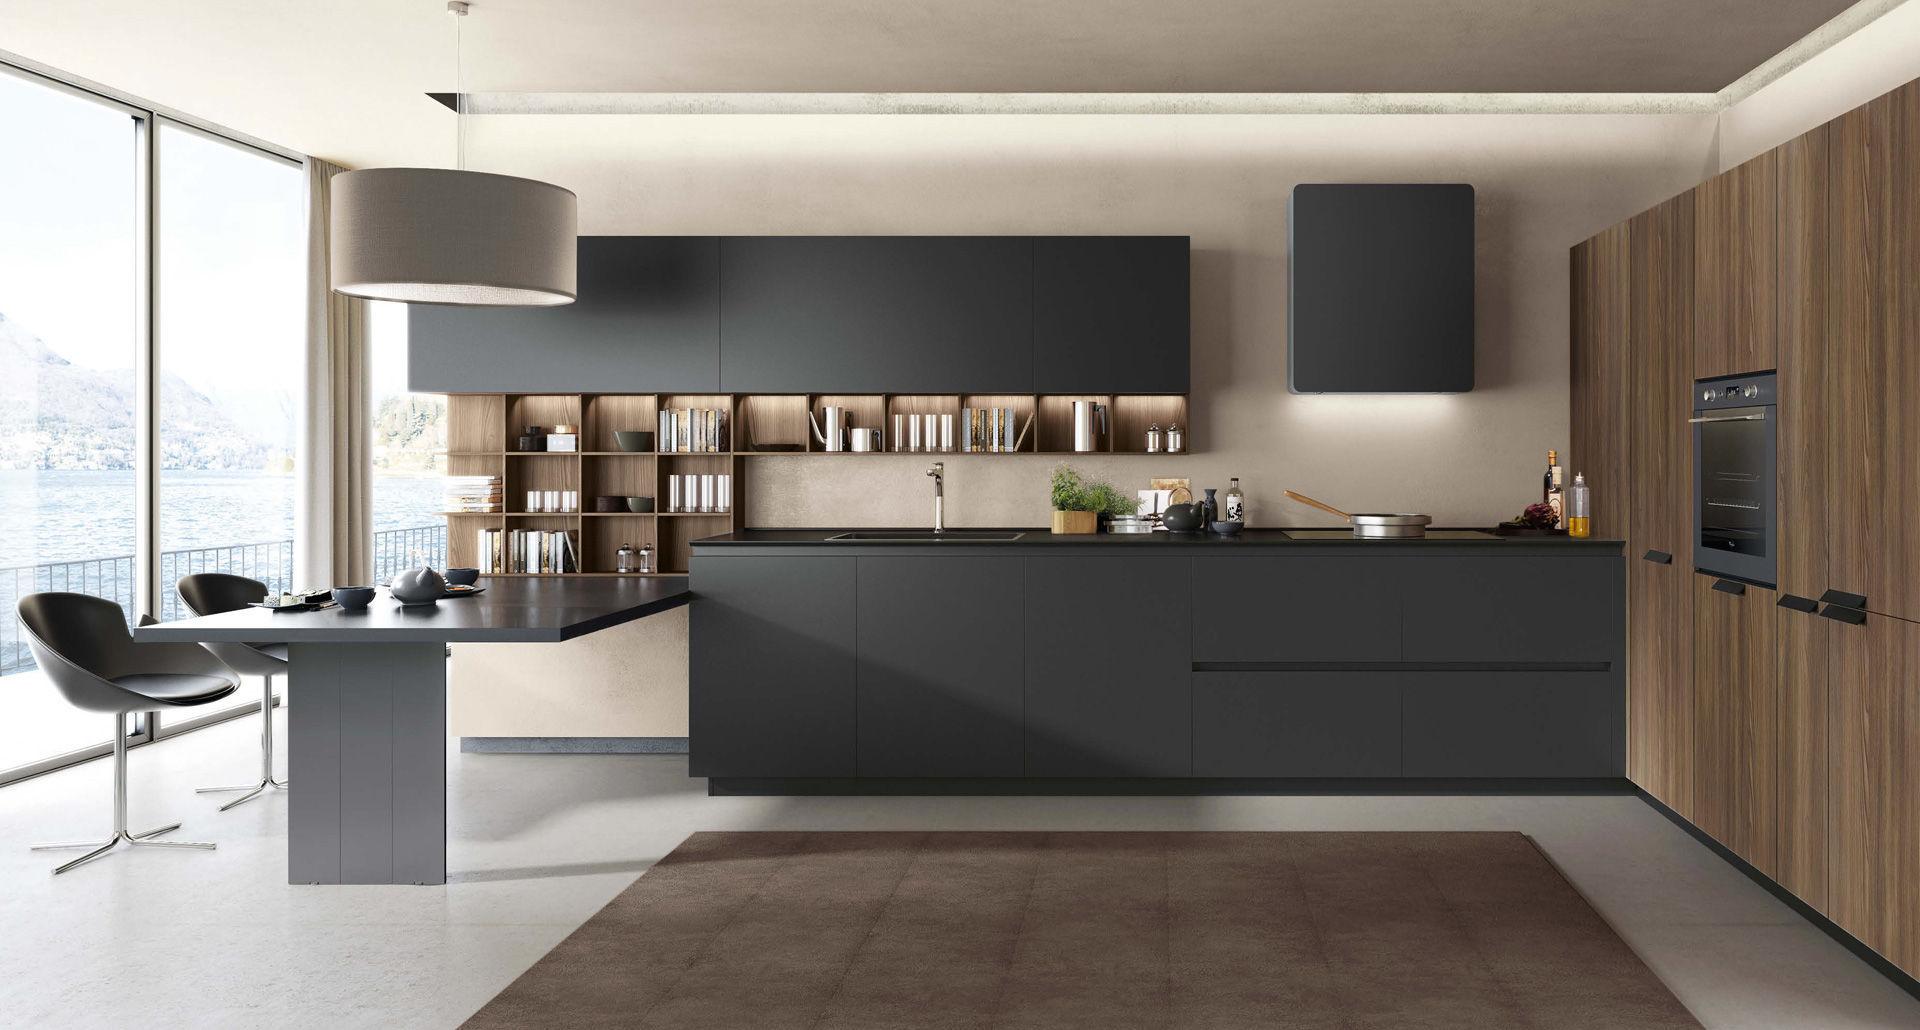 Forum Arredamento It Progetto Cucina